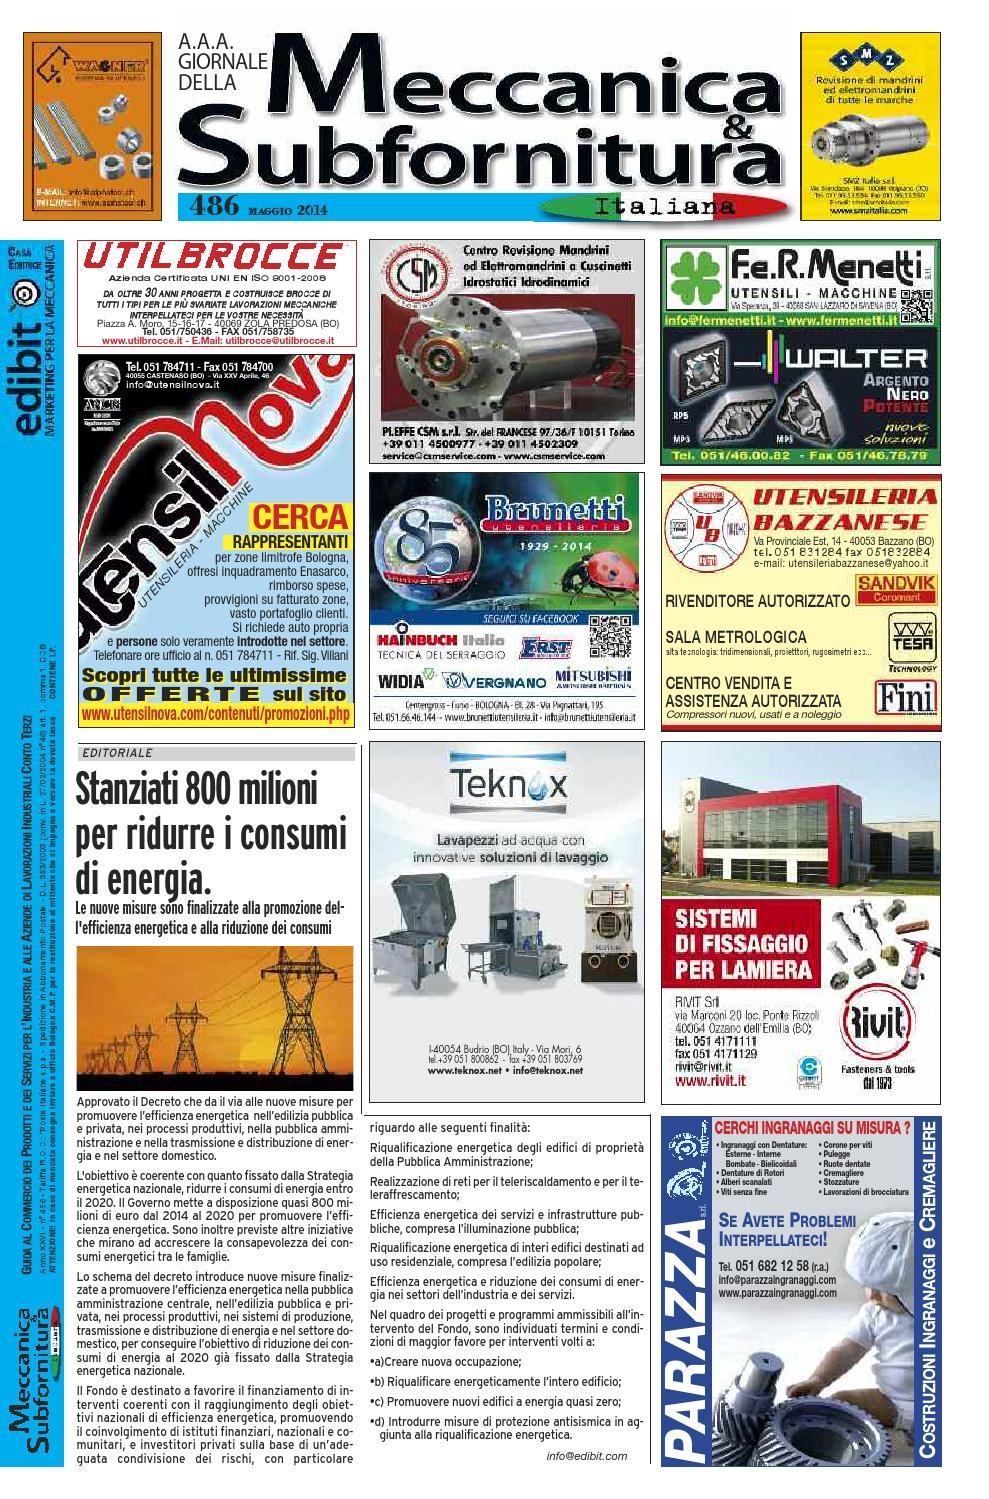 Meccanica & Subfornitura Maggio 2014 N° 486 By Edibit Bologna Issuu